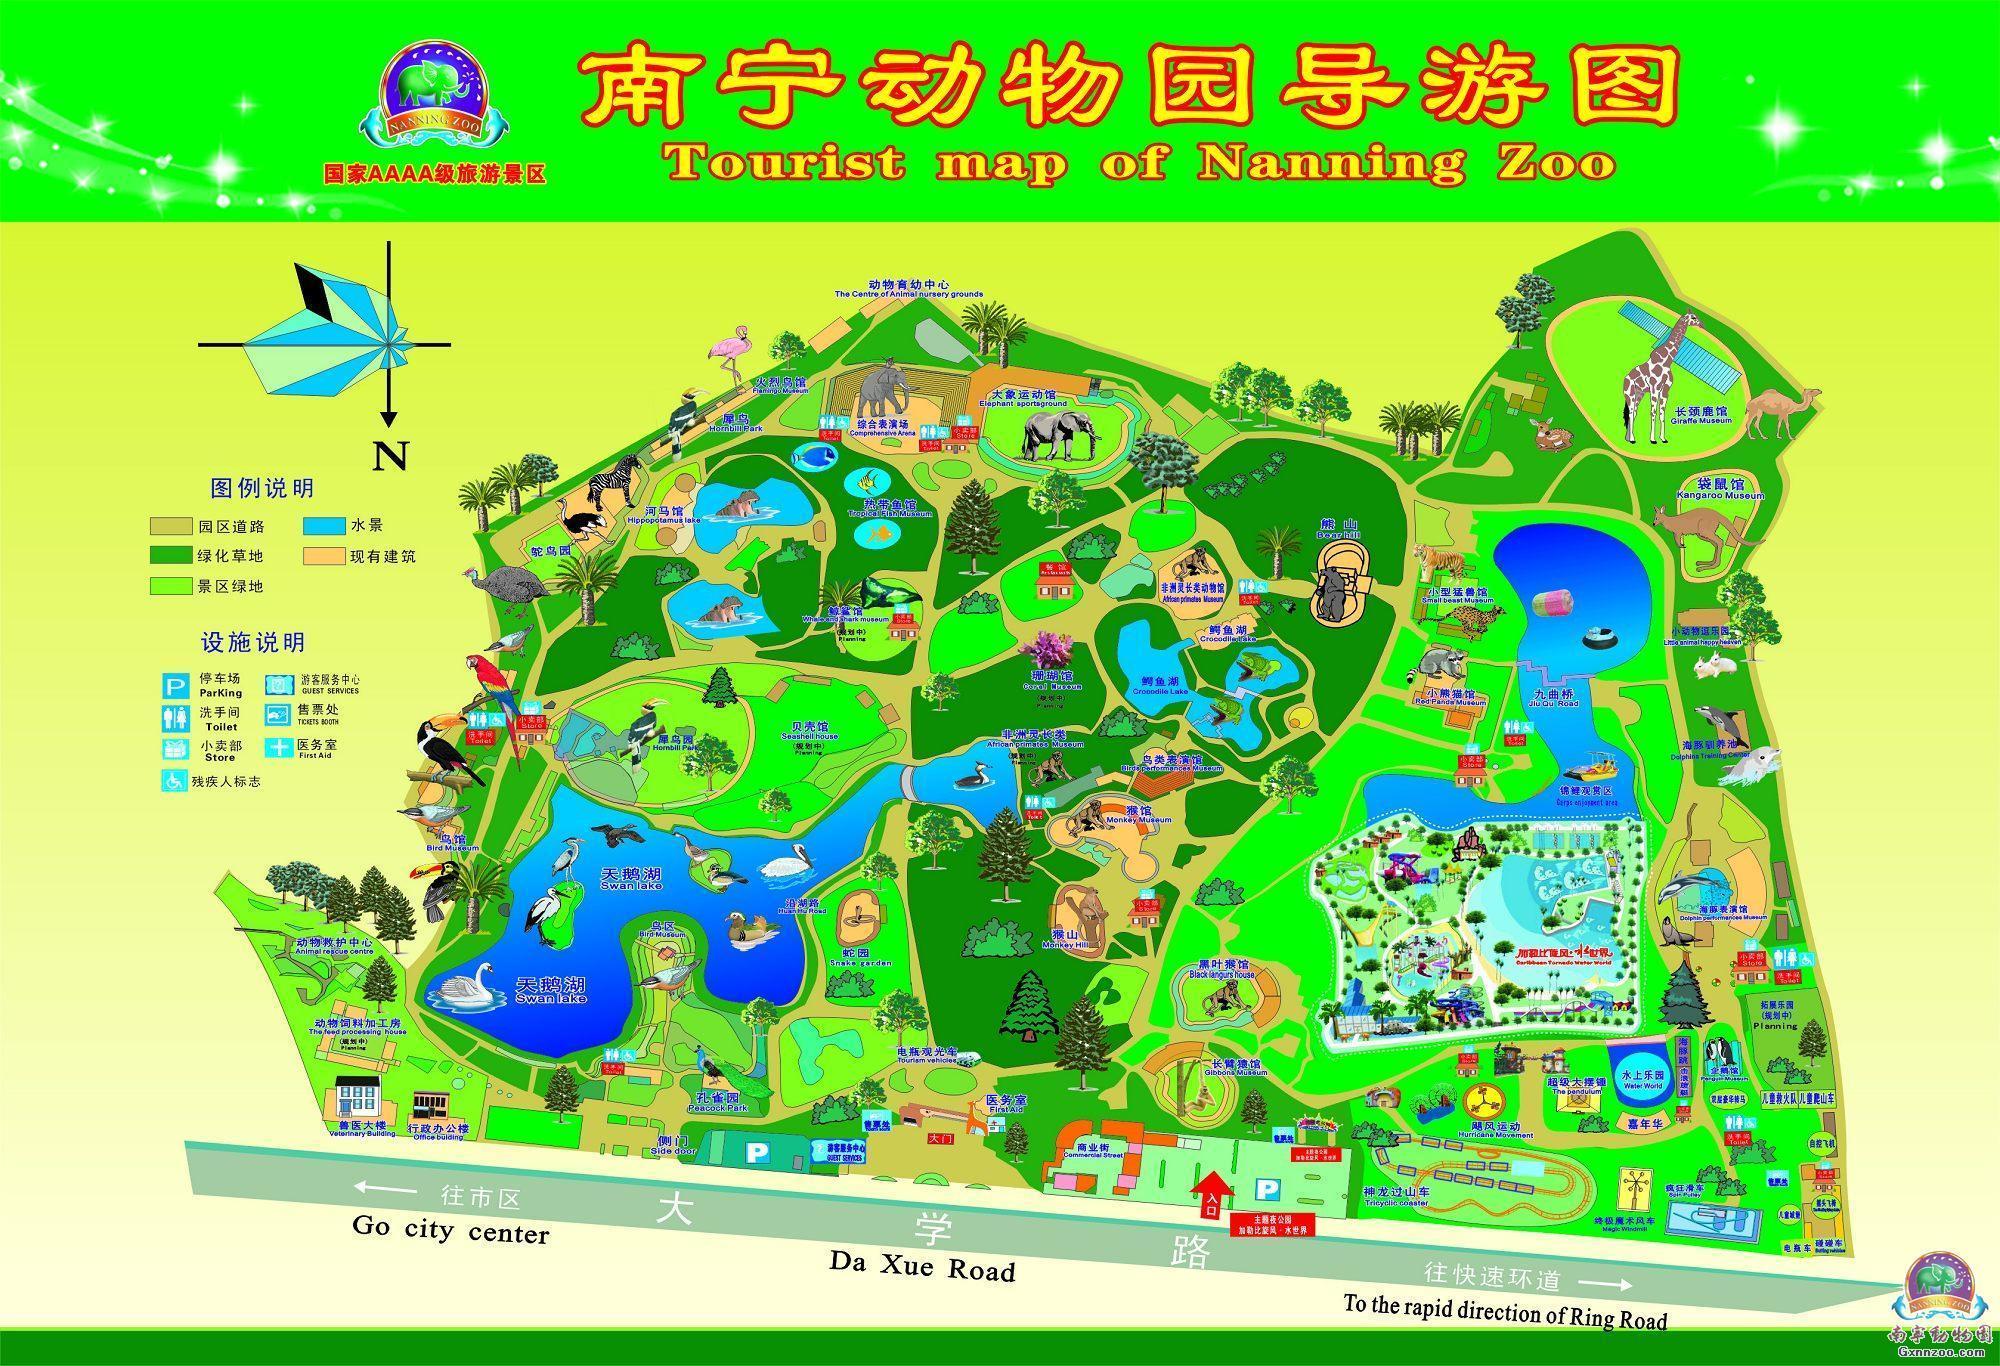 旅游黄页/分类信息 > 南宁 > 南宁景点门票旅游信息  120 南宁动物园